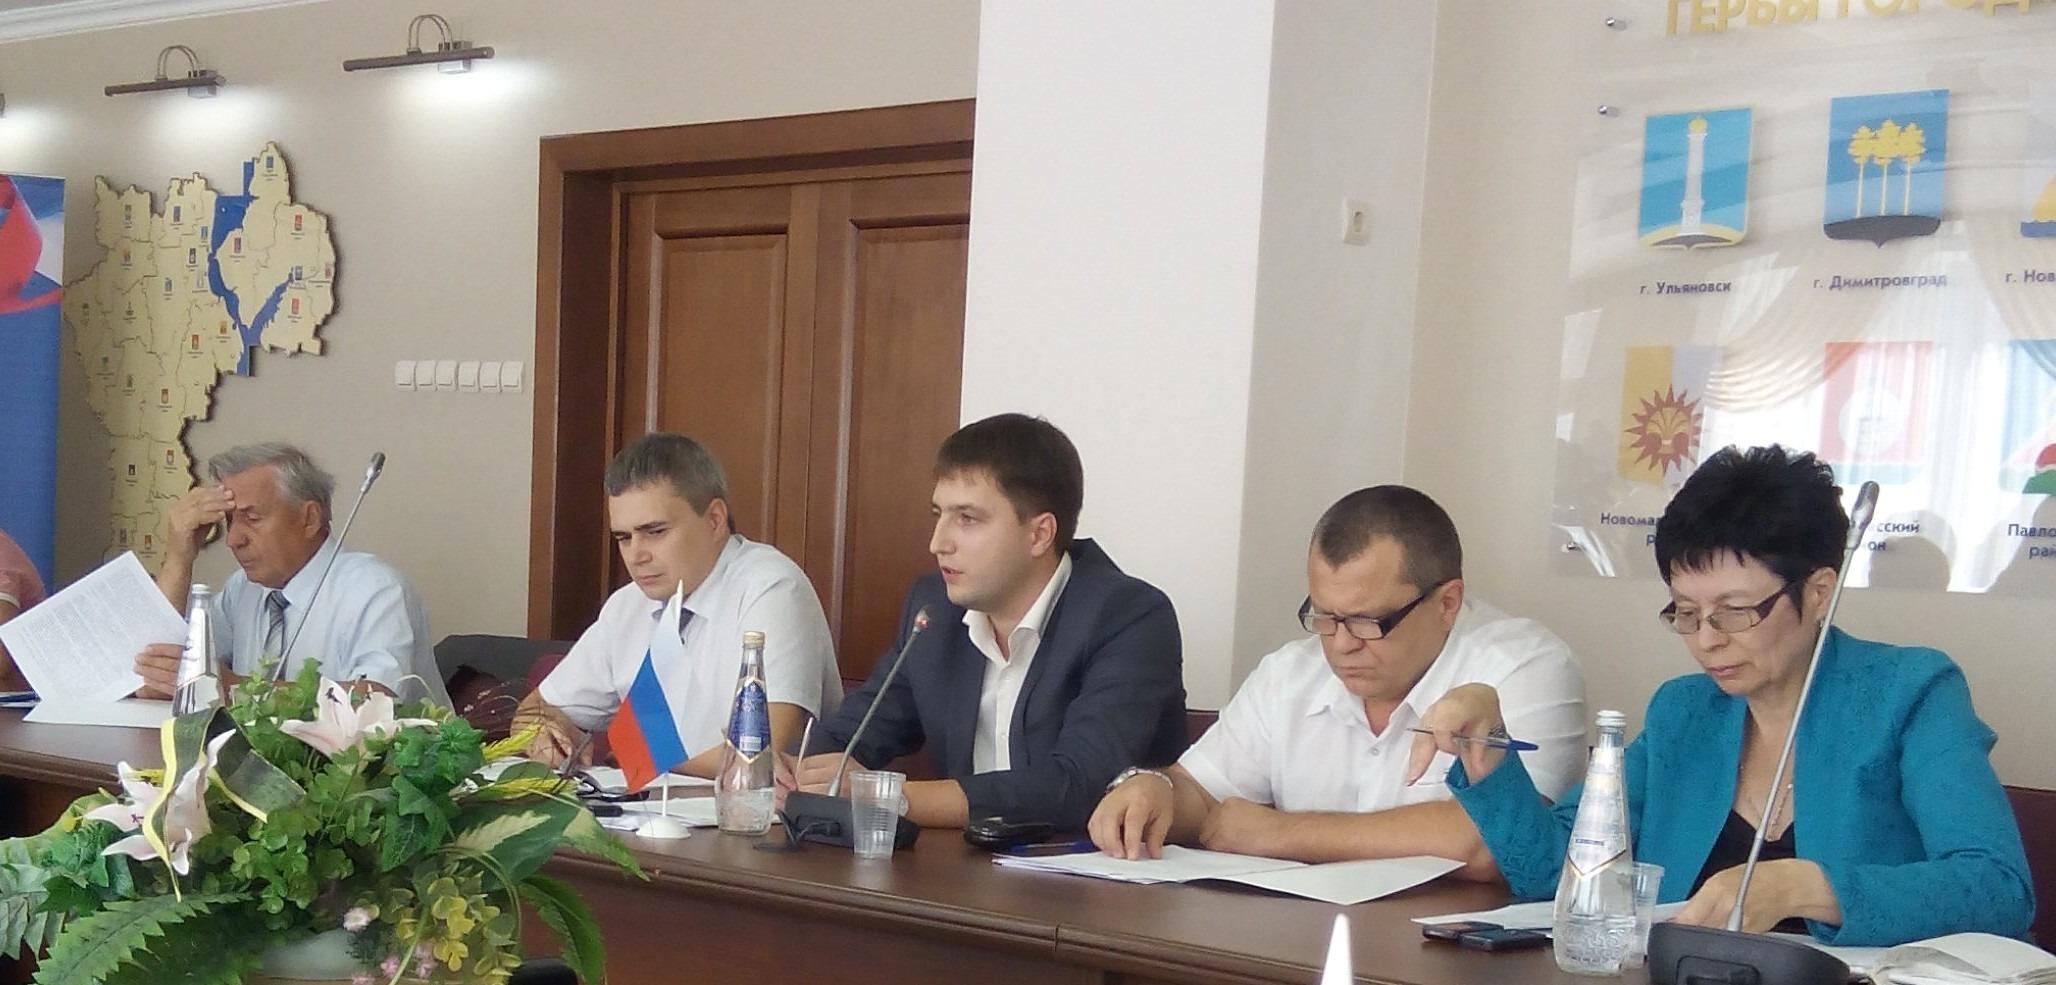 Вера Николаева: Лицензирование ни к чему хорошему не приведет